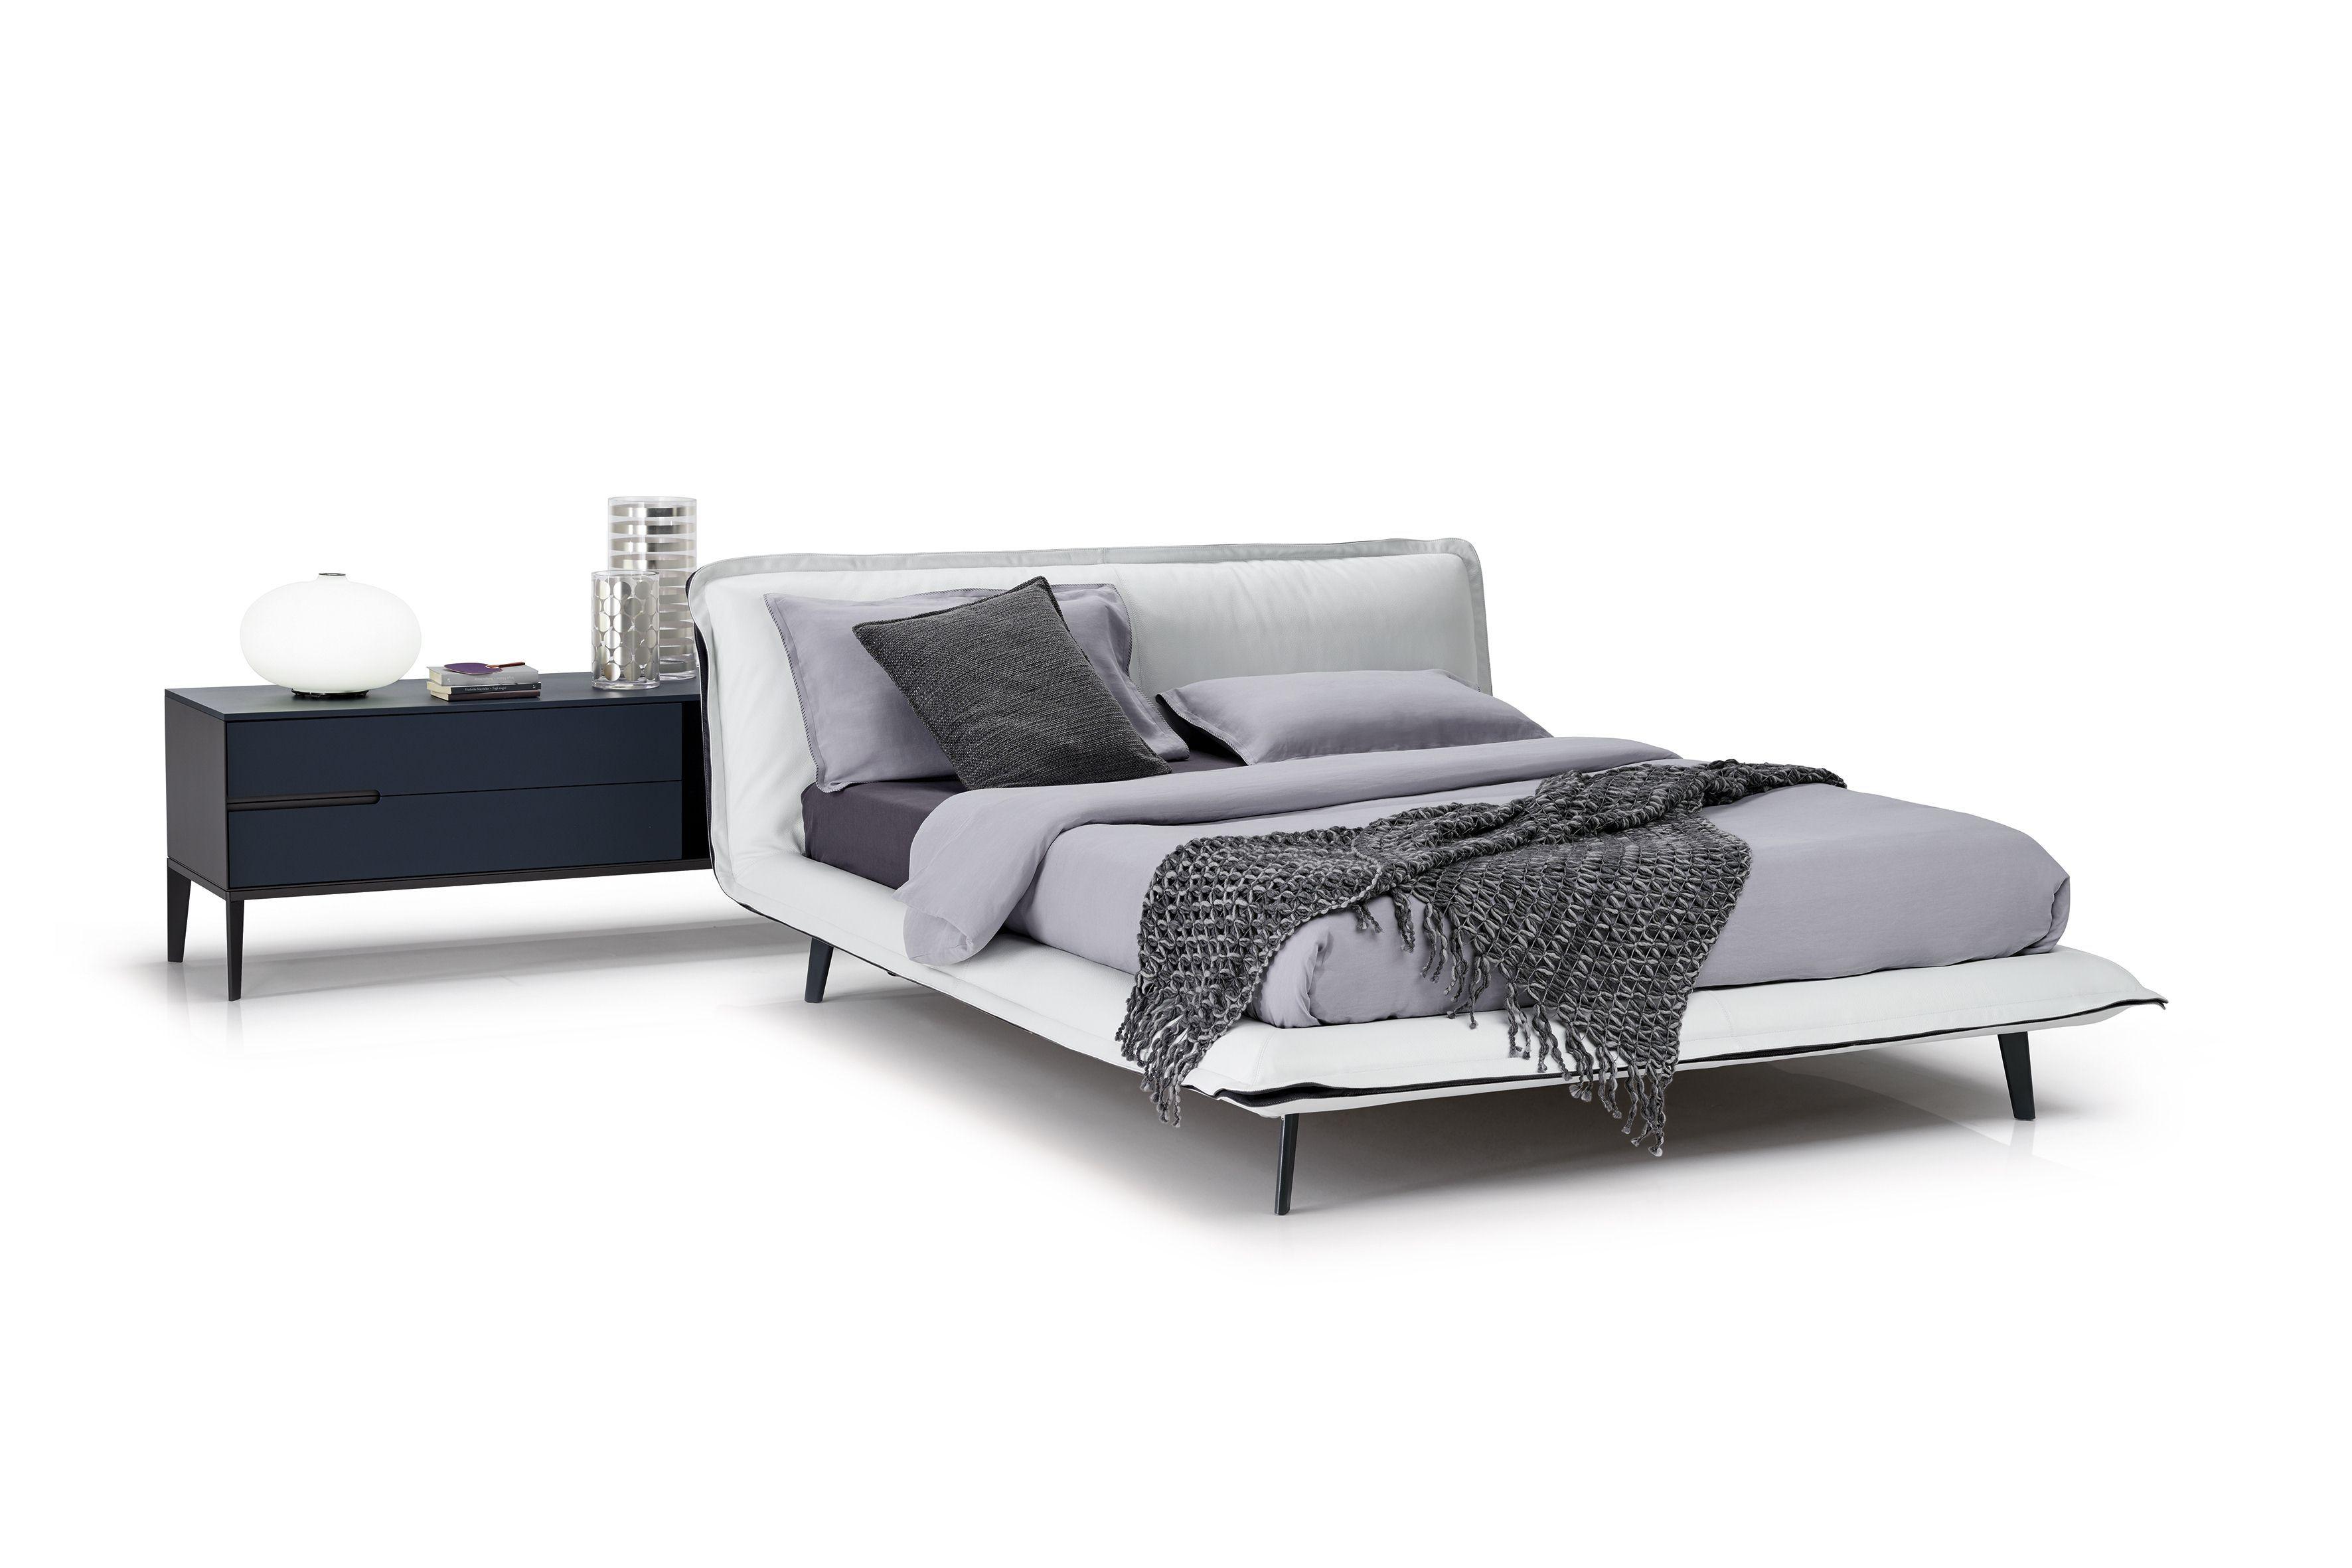 Natuzzi, натуцци, натуззи, кровать, итальянская мебель